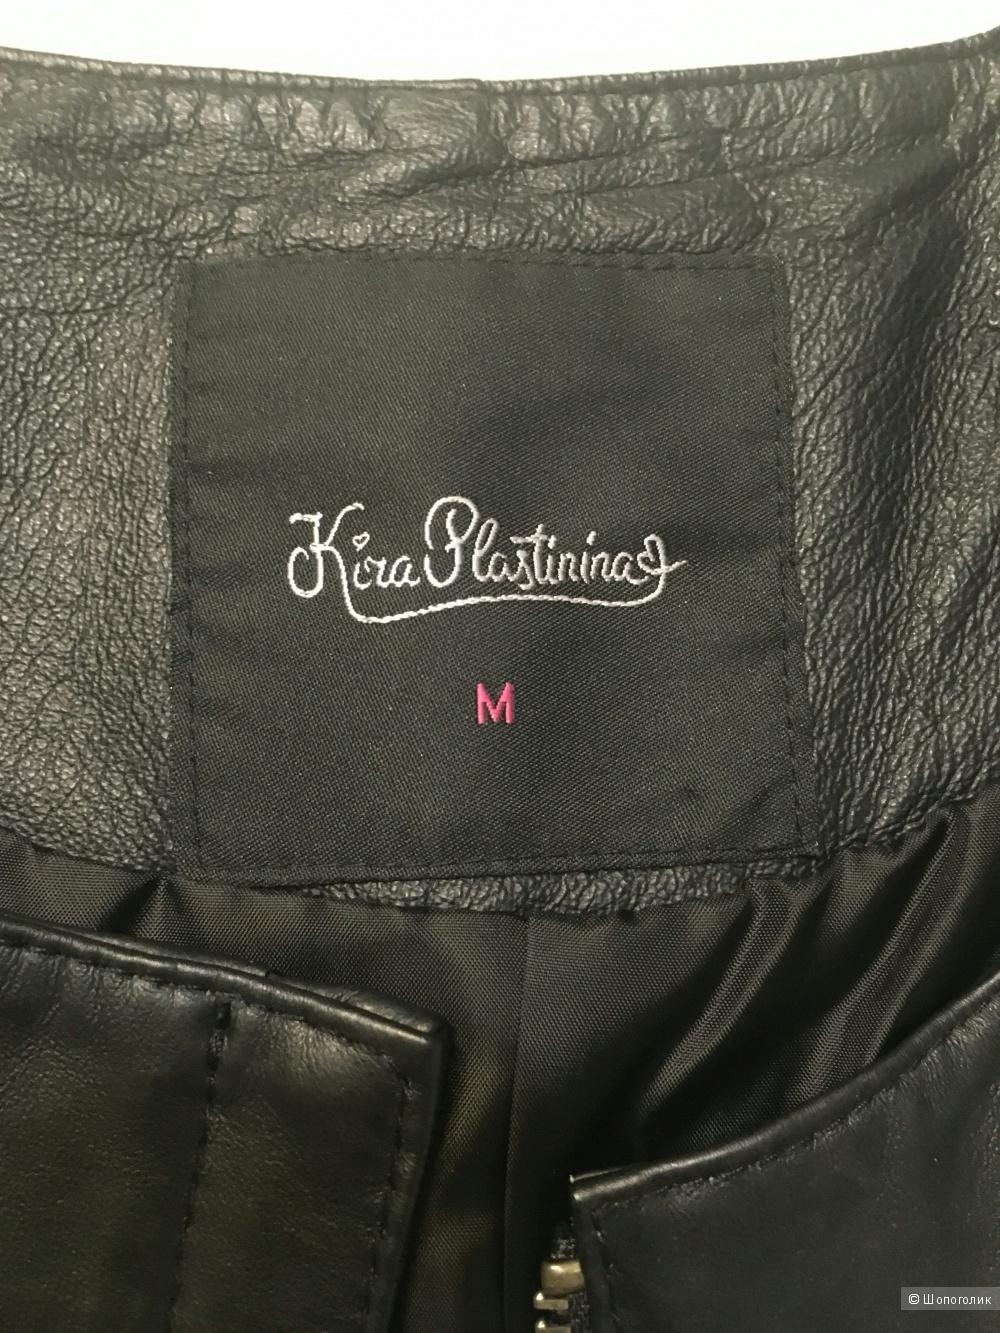 Кожаная куртка болеро от Киры Пластинининой. Размер M.